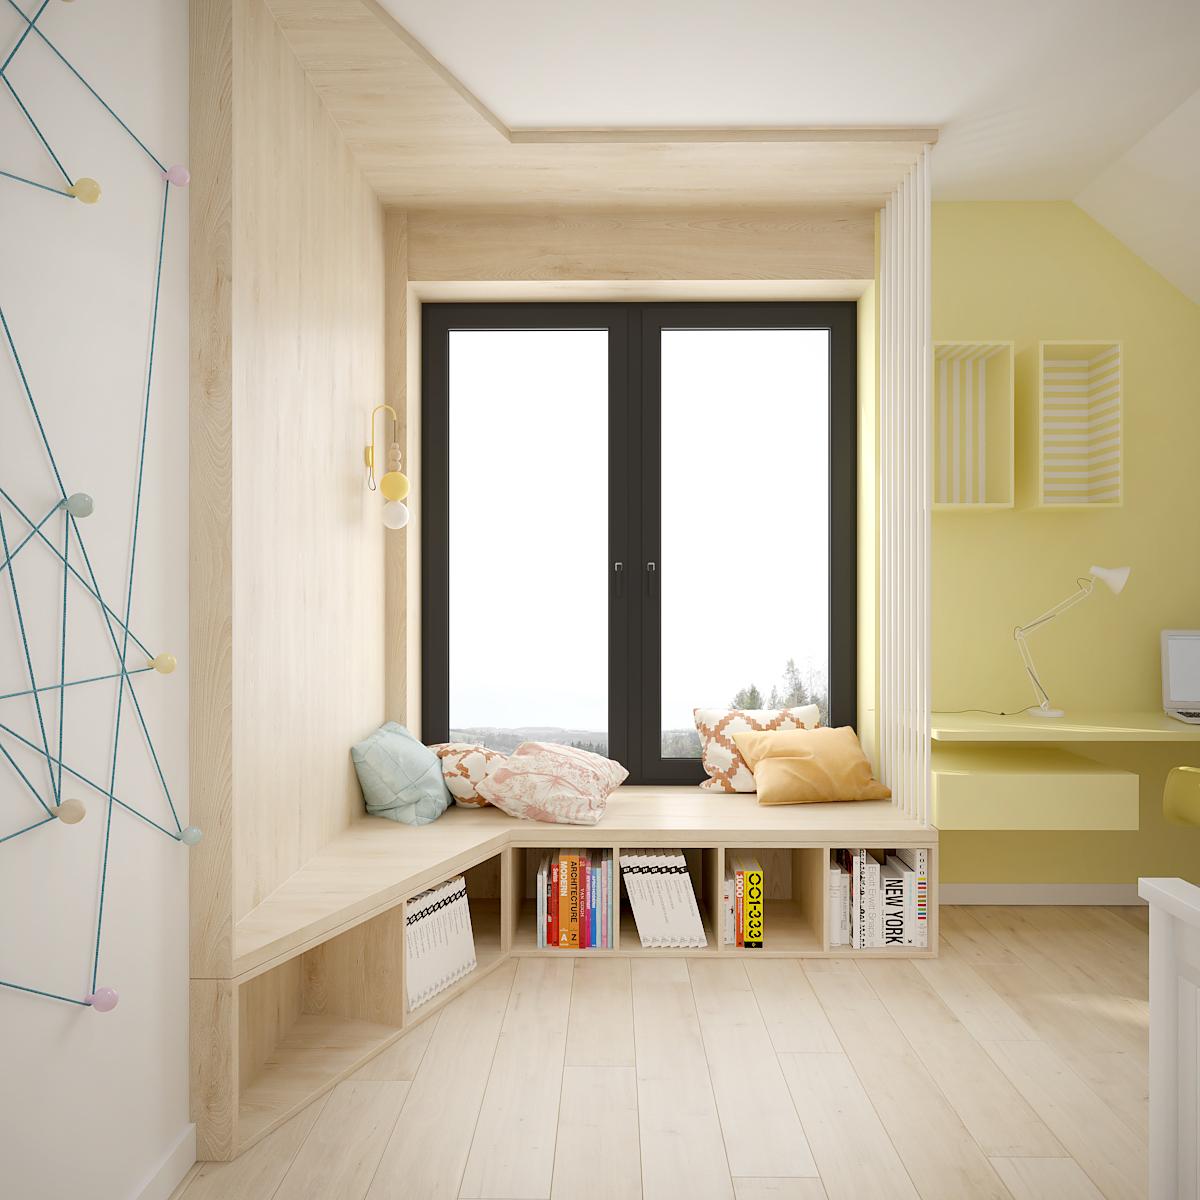 33 projekt wnetrza D552 dom krakow pokoj dziecka siedzisko przy oknie